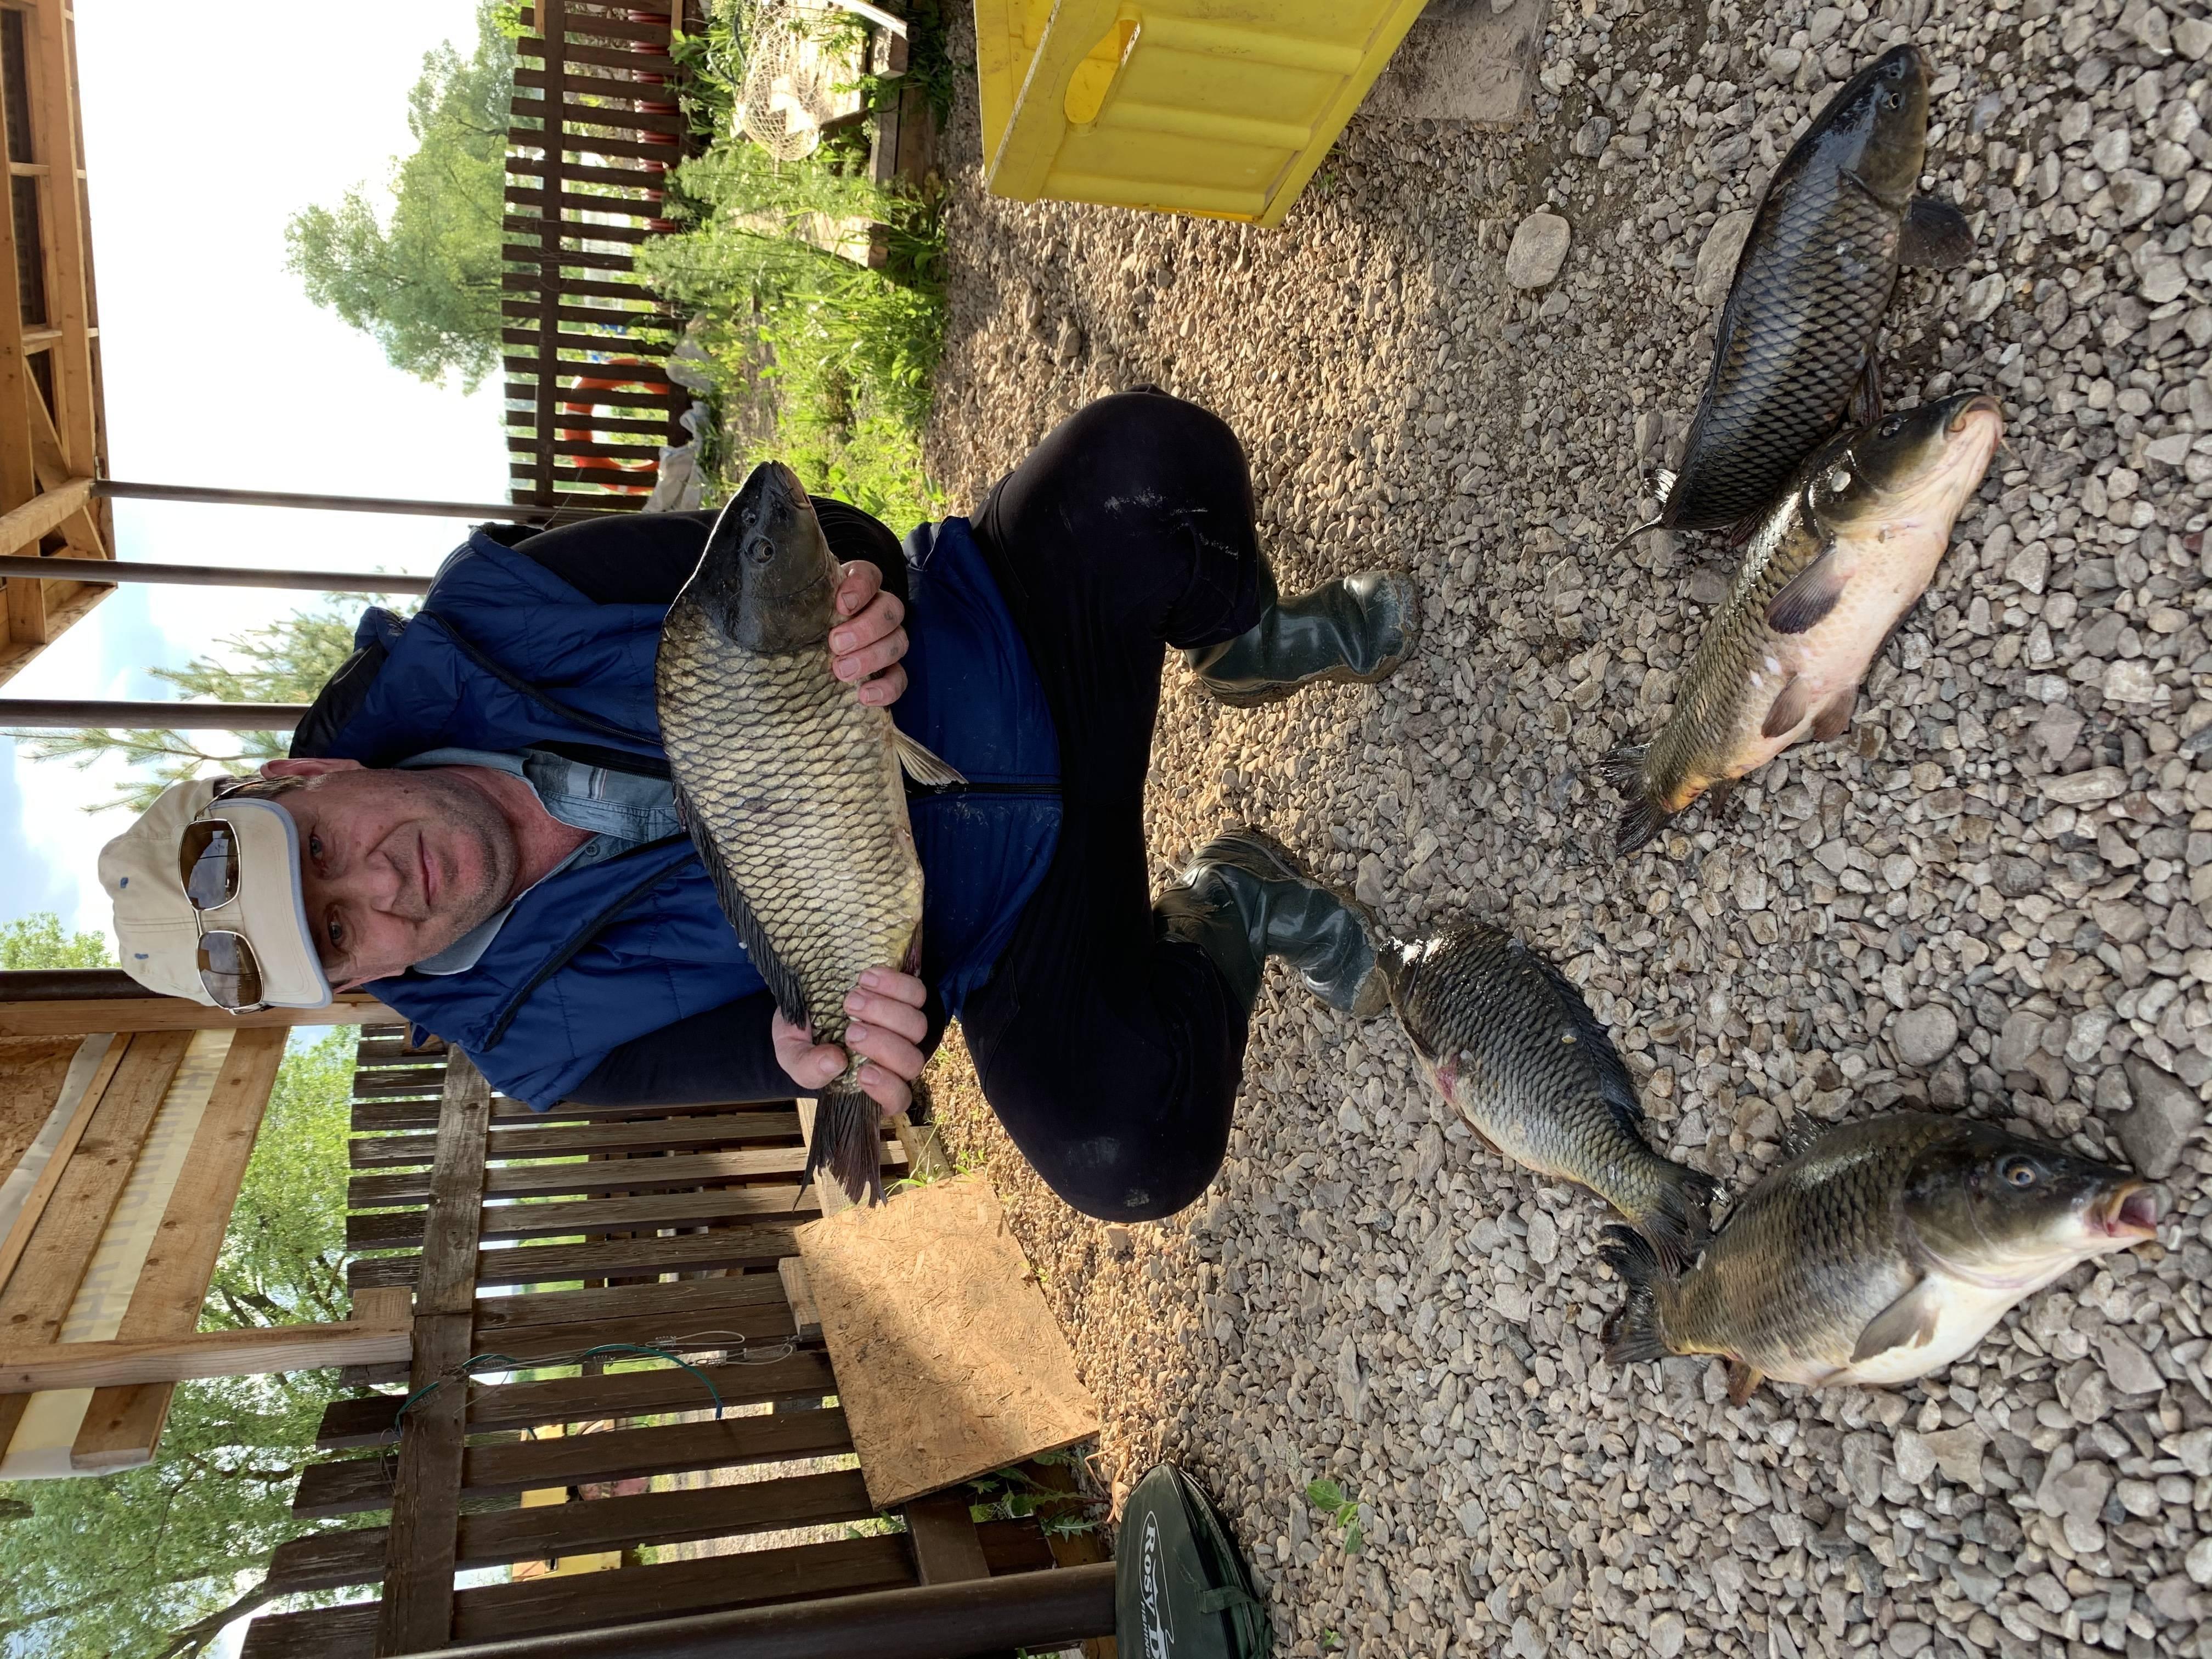 Рыбалка в краснодарском крае: куда поехать, рыбные места в краснодаре, рыболовные базы